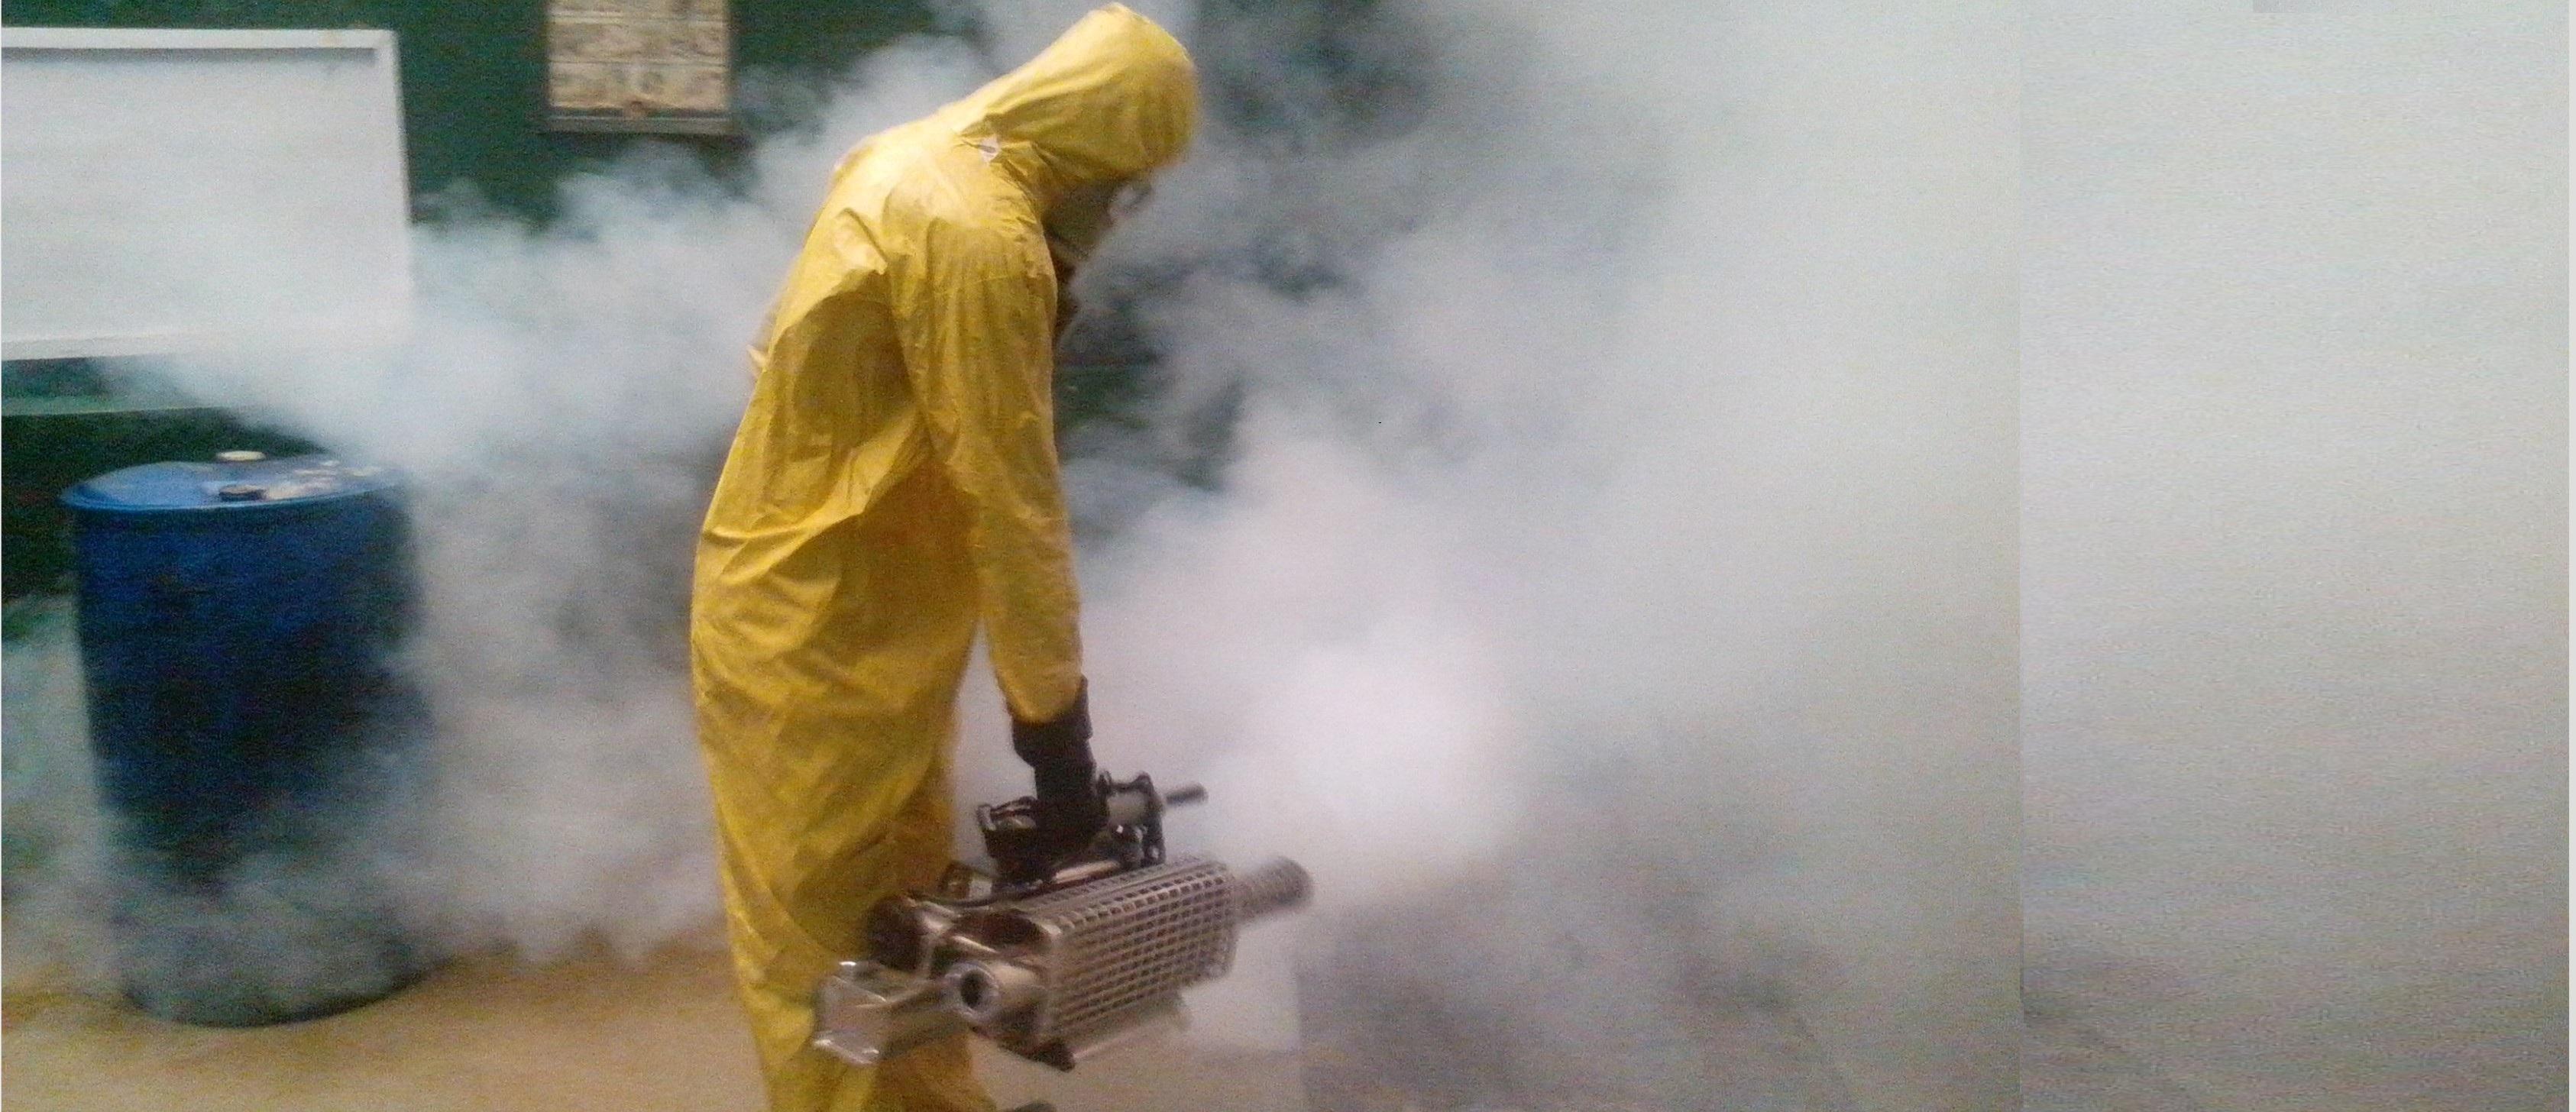 pest-control-nigeria-3